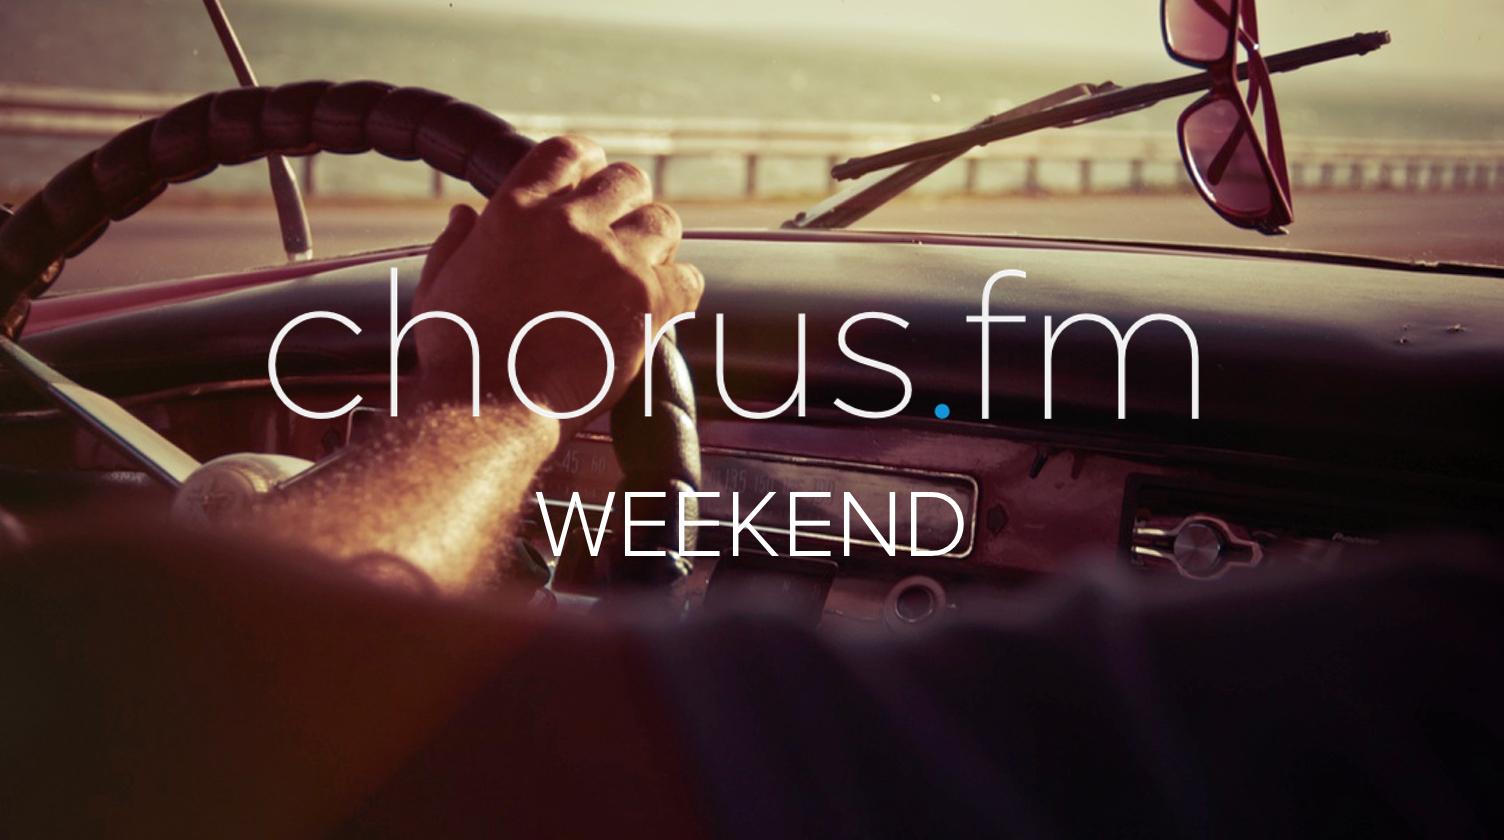 Chorus.fm